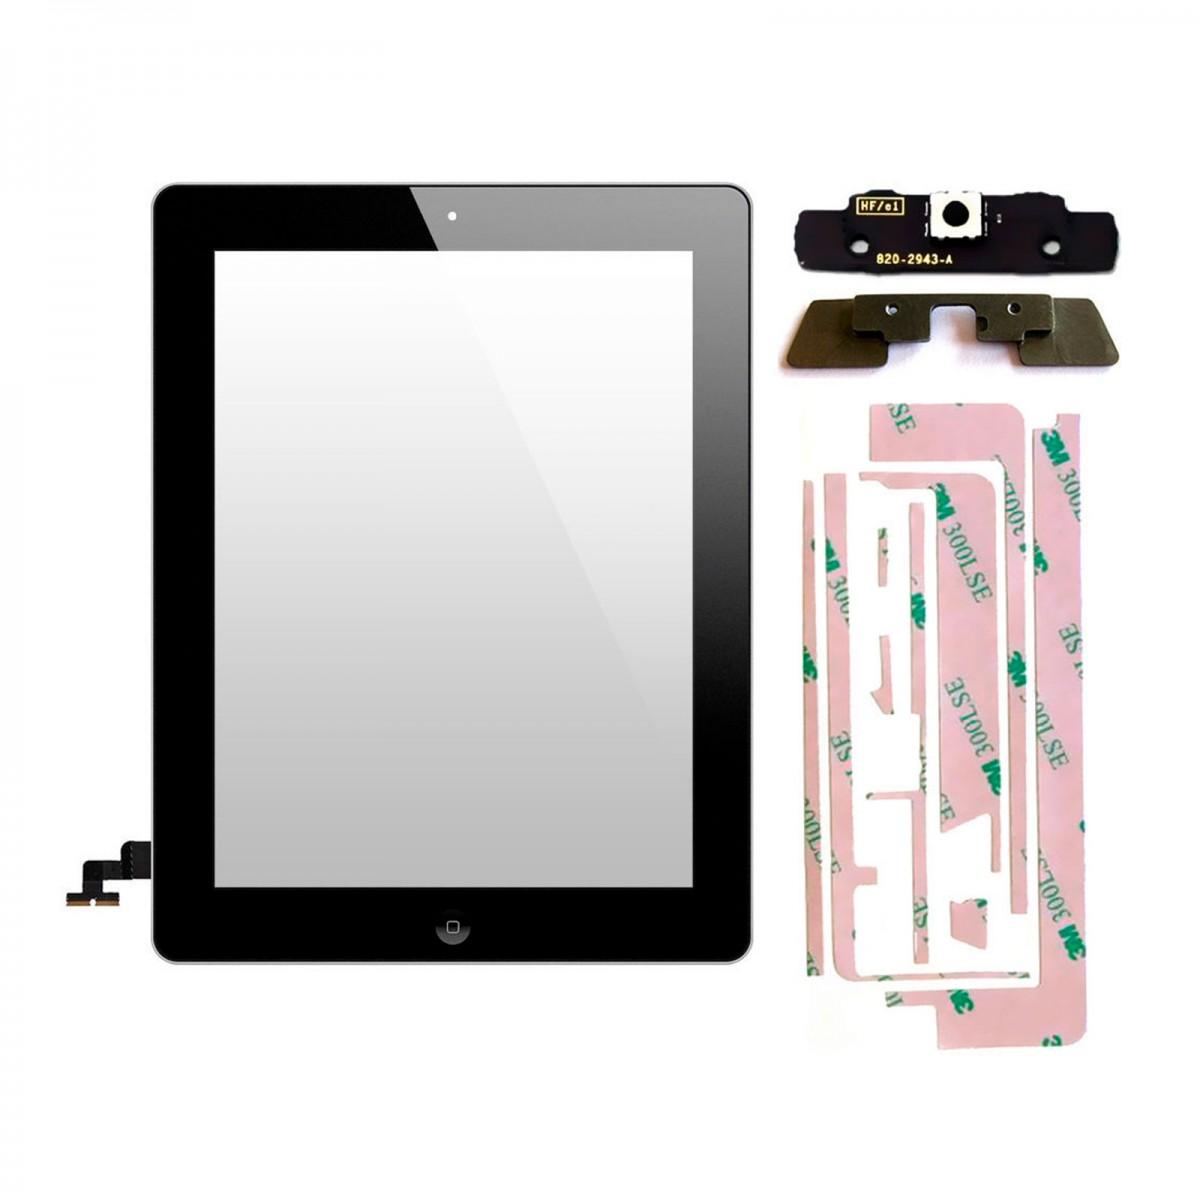 vitre tactile ipad 2 noir achat en ligne sur lcd maroc. Black Bedroom Furniture Sets. Home Design Ideas